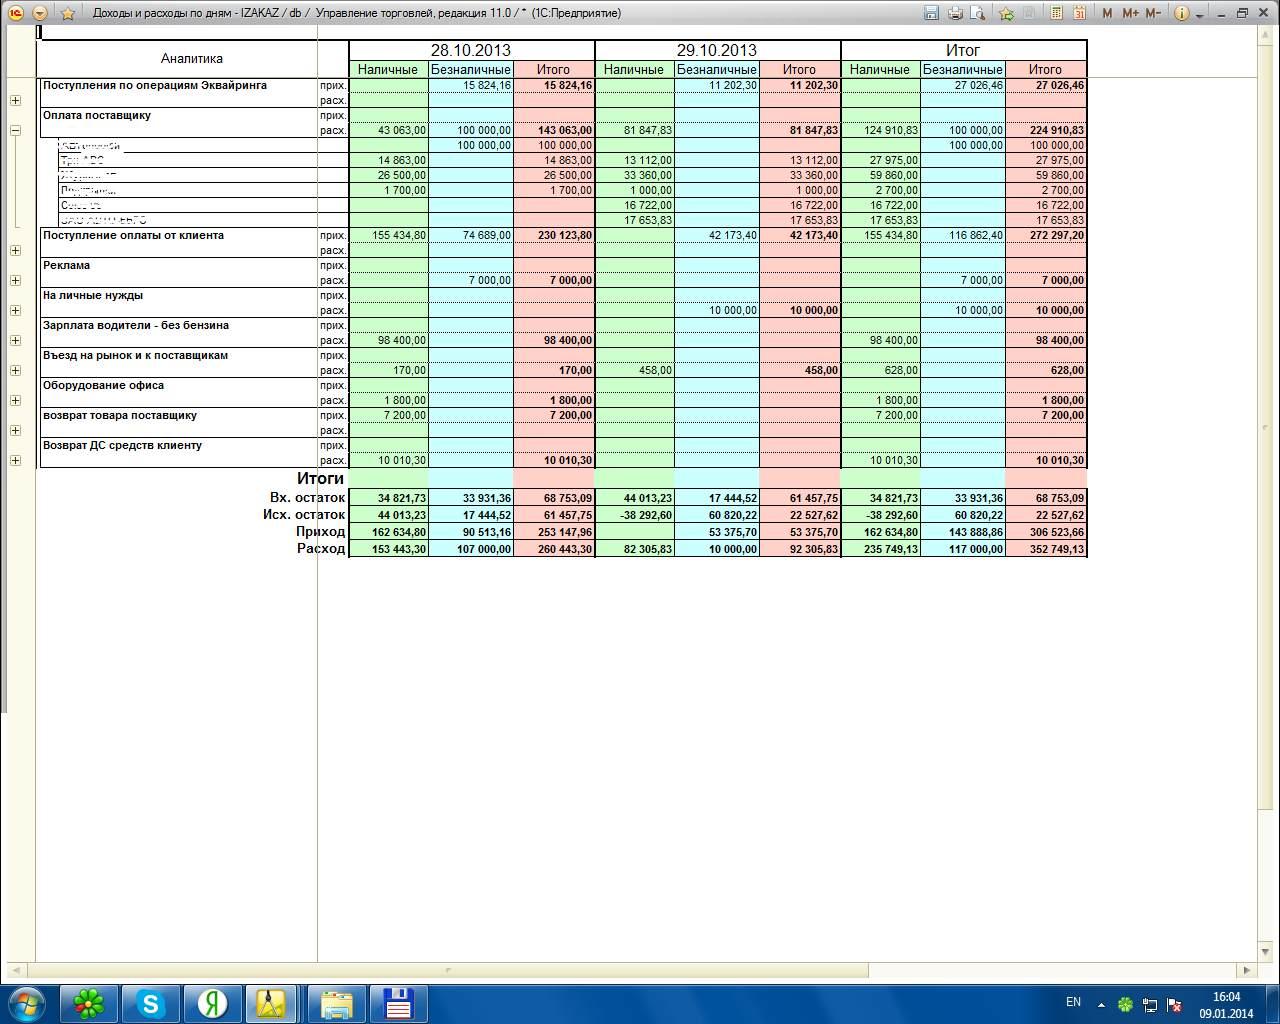 Как сделать анализ по затратам предприятия